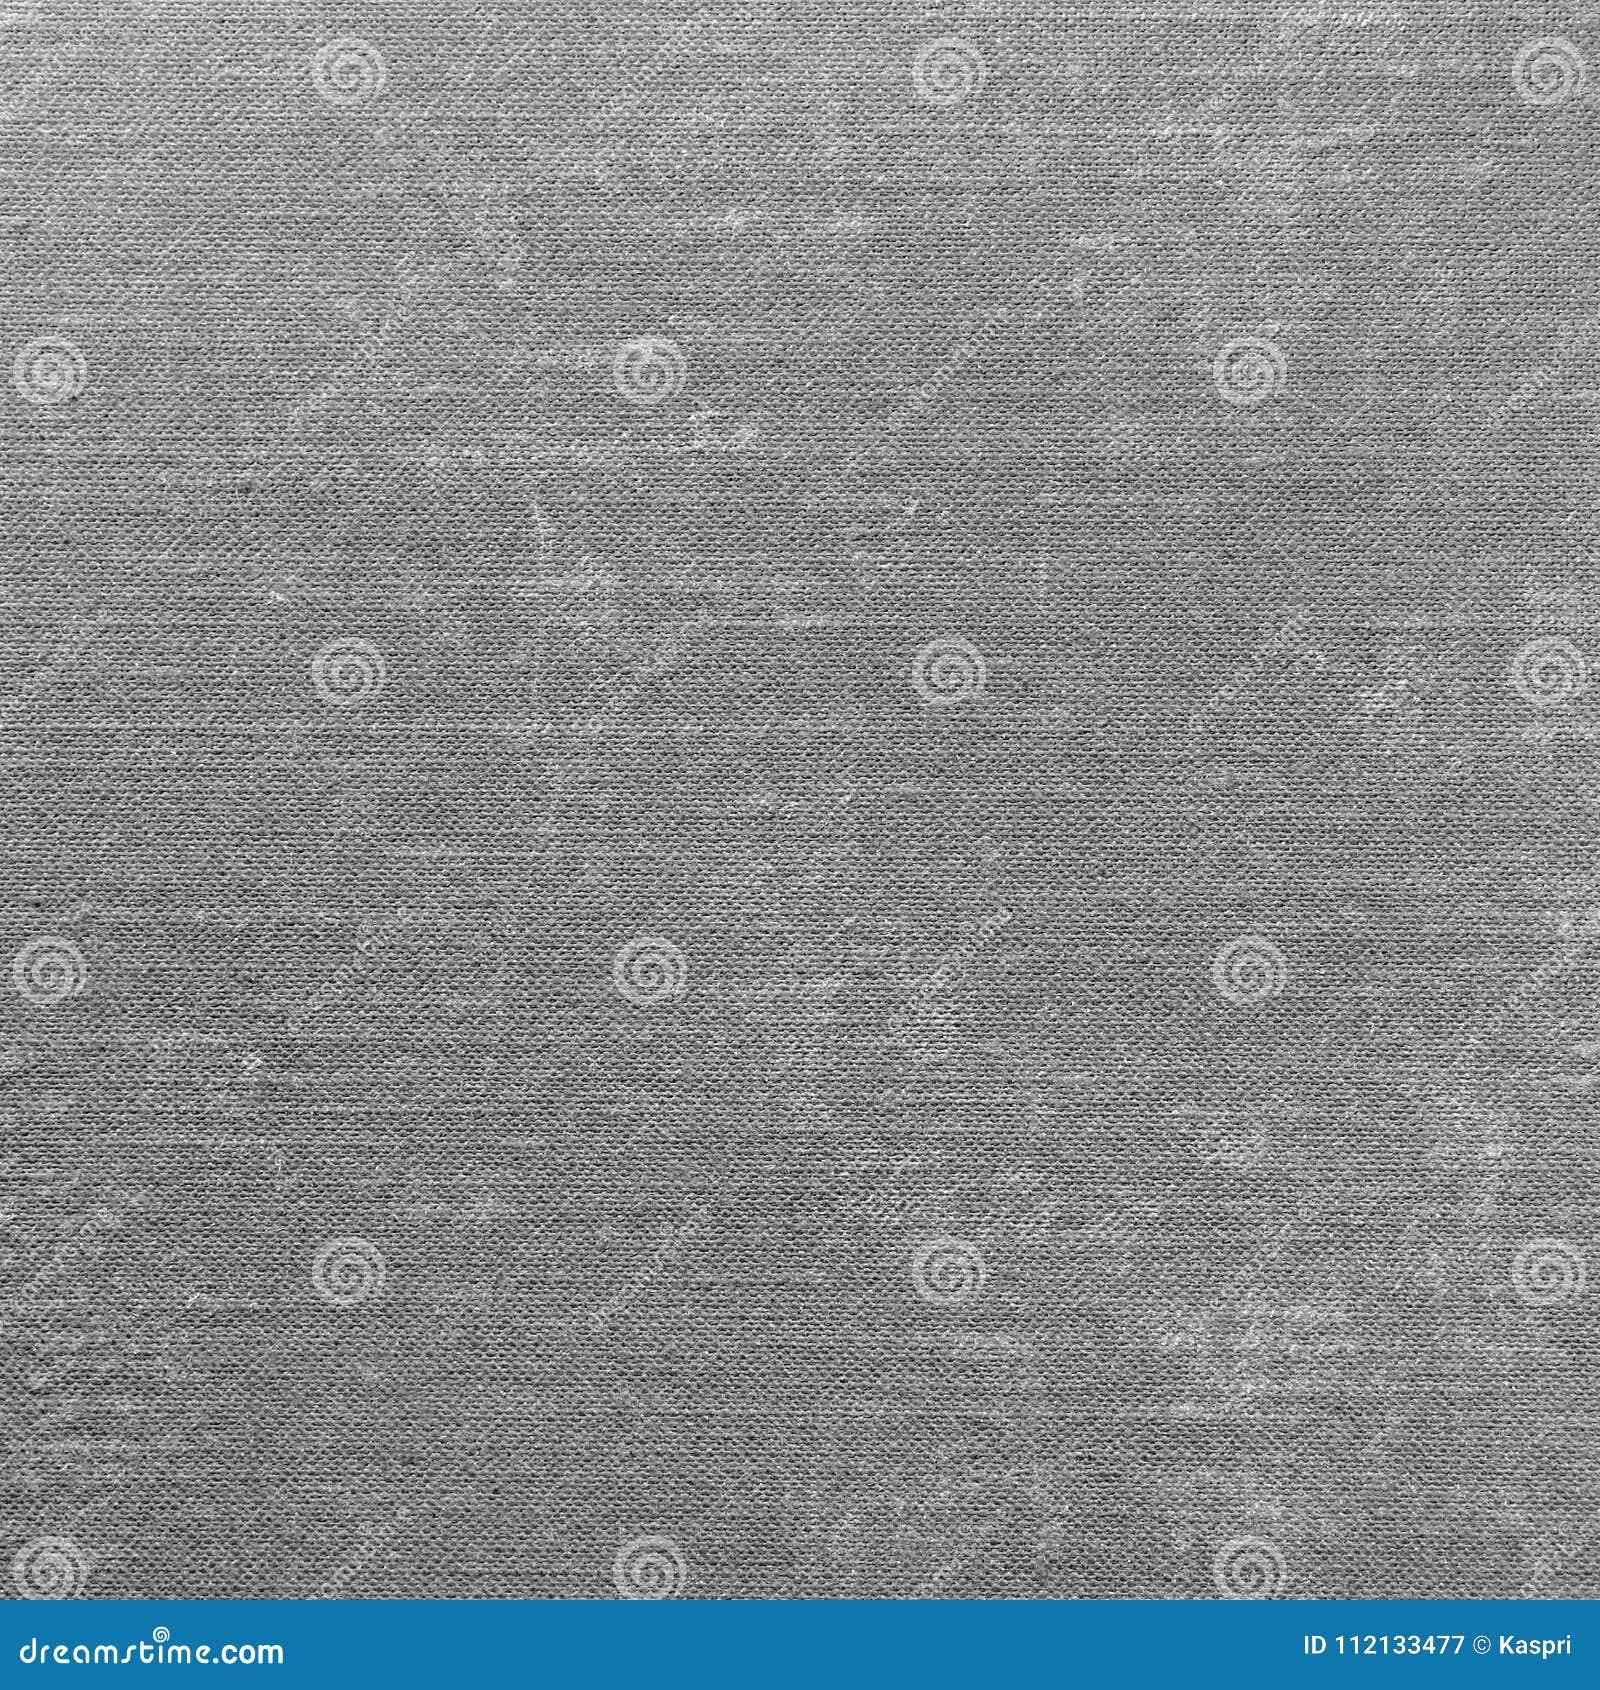 Grey Grunge Linen Texture Pattern, de Macroclose-up van Gray Textured Burlap Fabric Background, Oud Oud Linnenflard